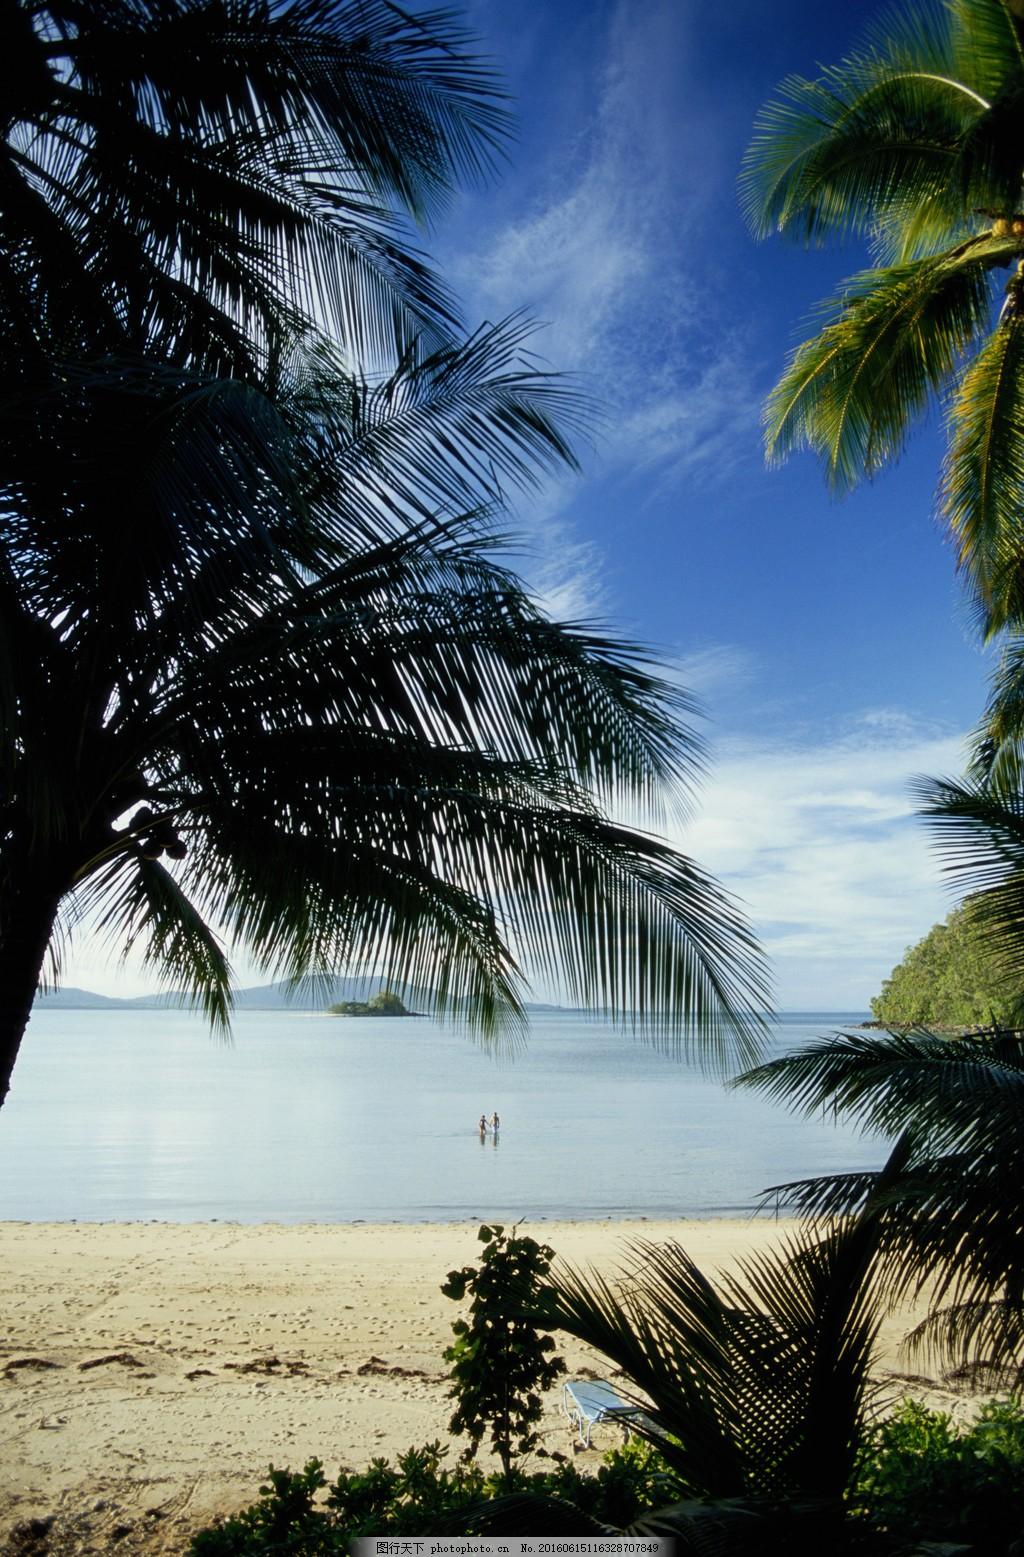 三亚风景图片,三亚风景高清图片下载 海南 海边 大海